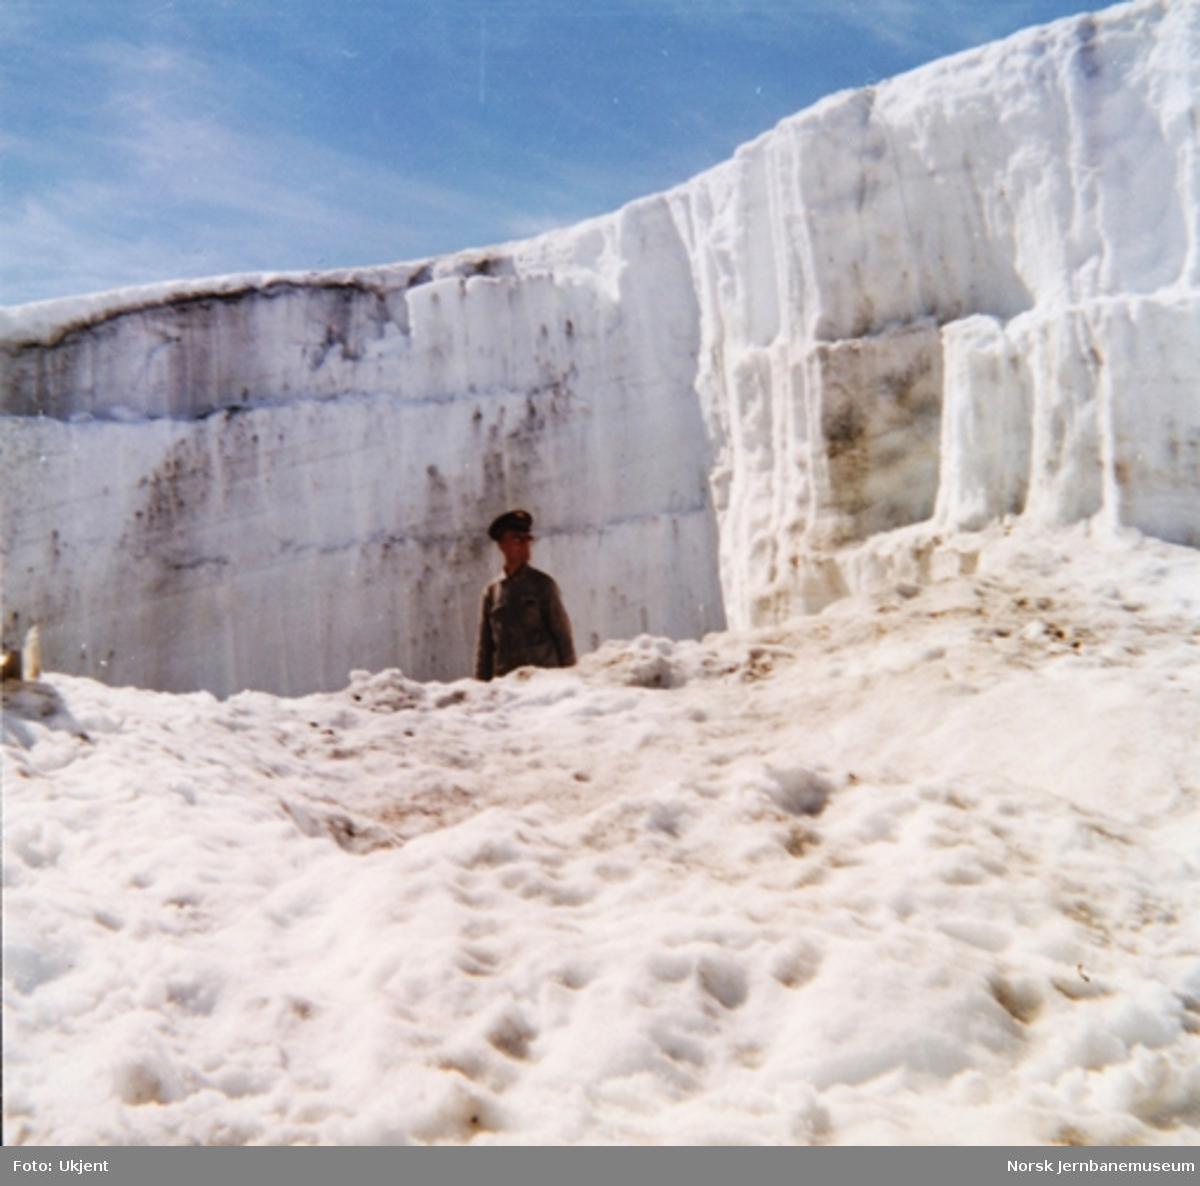 Snørydding på snøoverbygg på Bergensbanen